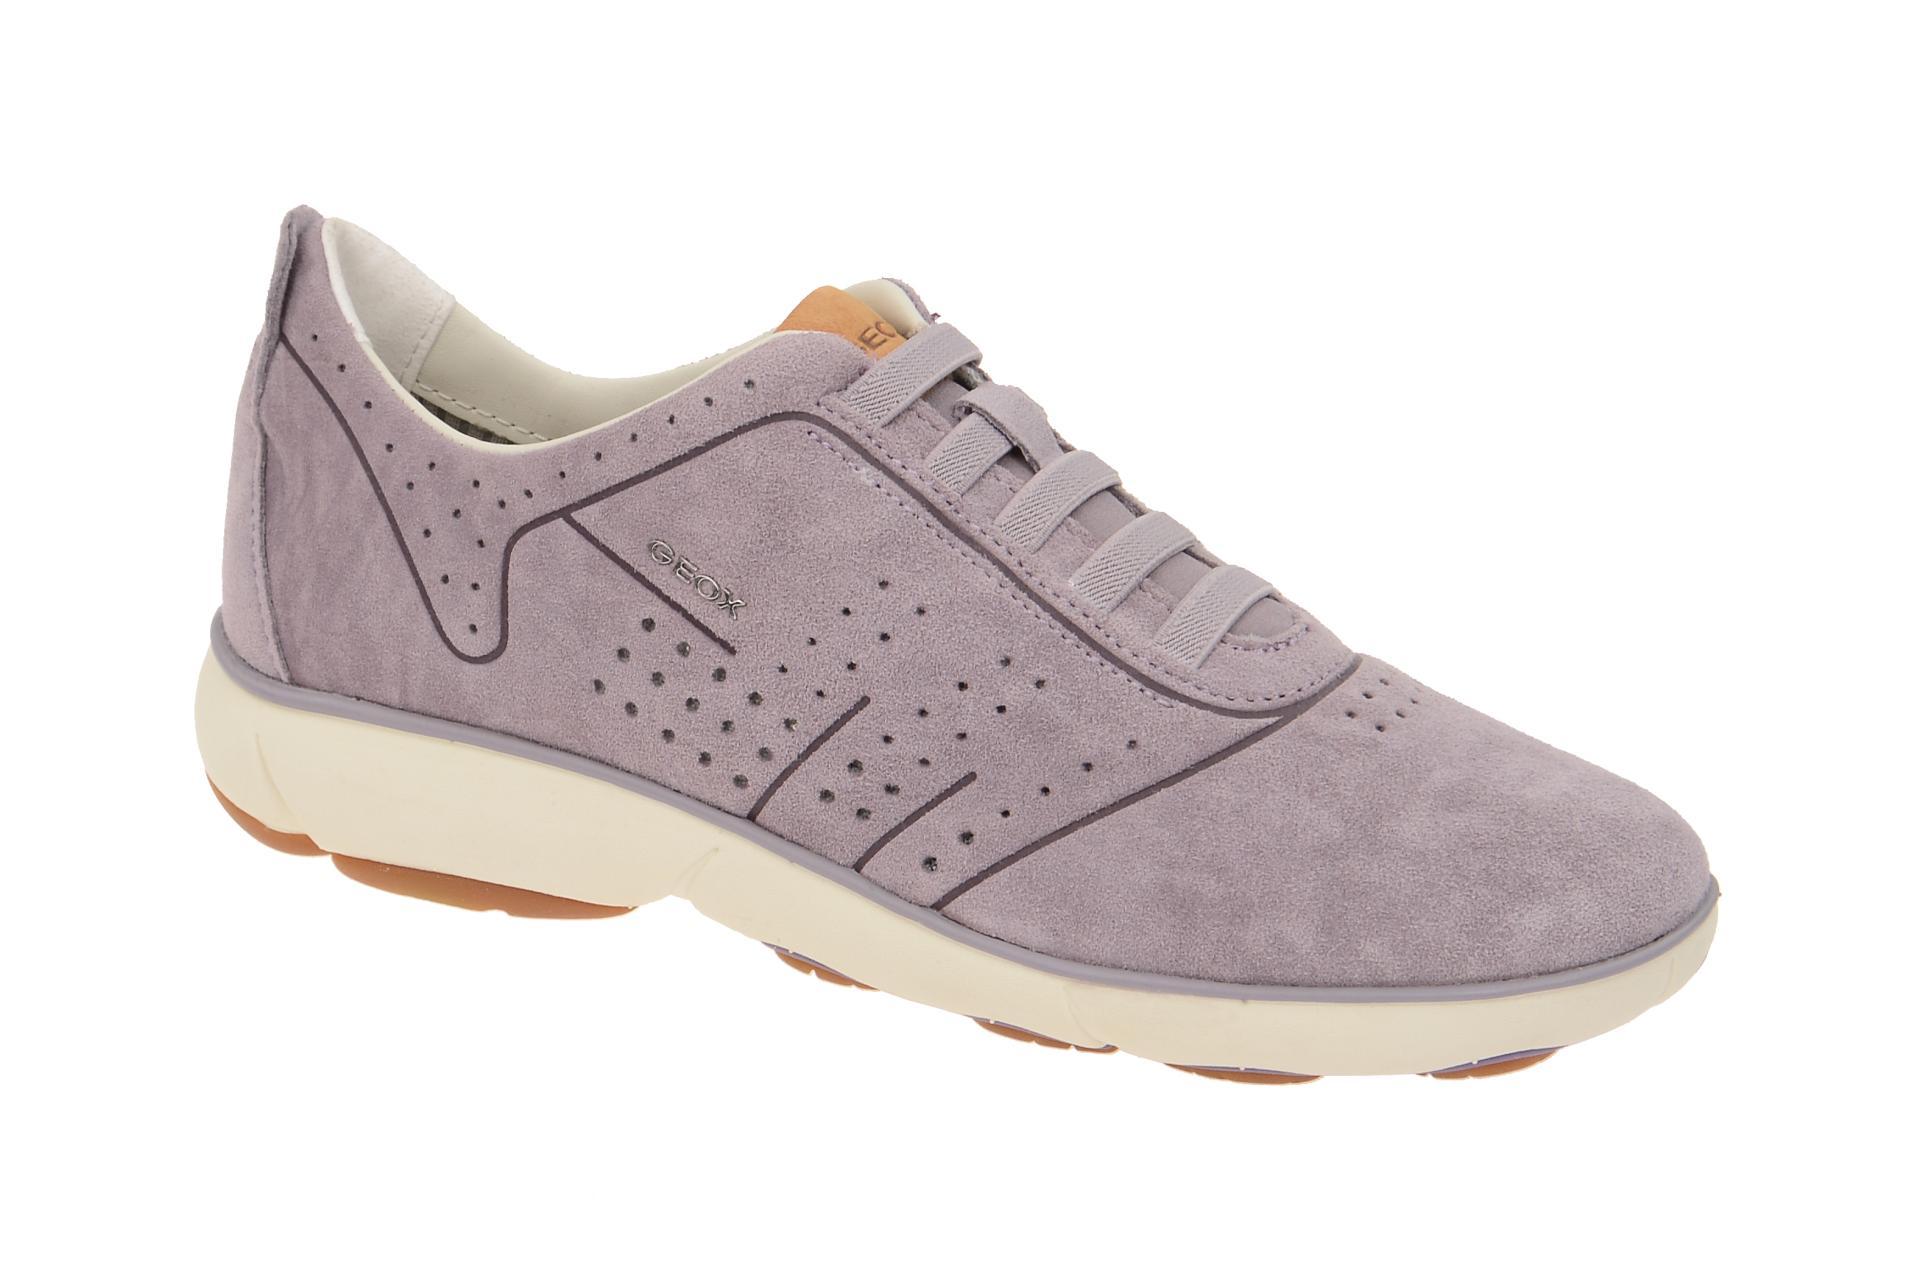 Geox Nebula A Sneakers in grau lila Damenschuhe mbIHD